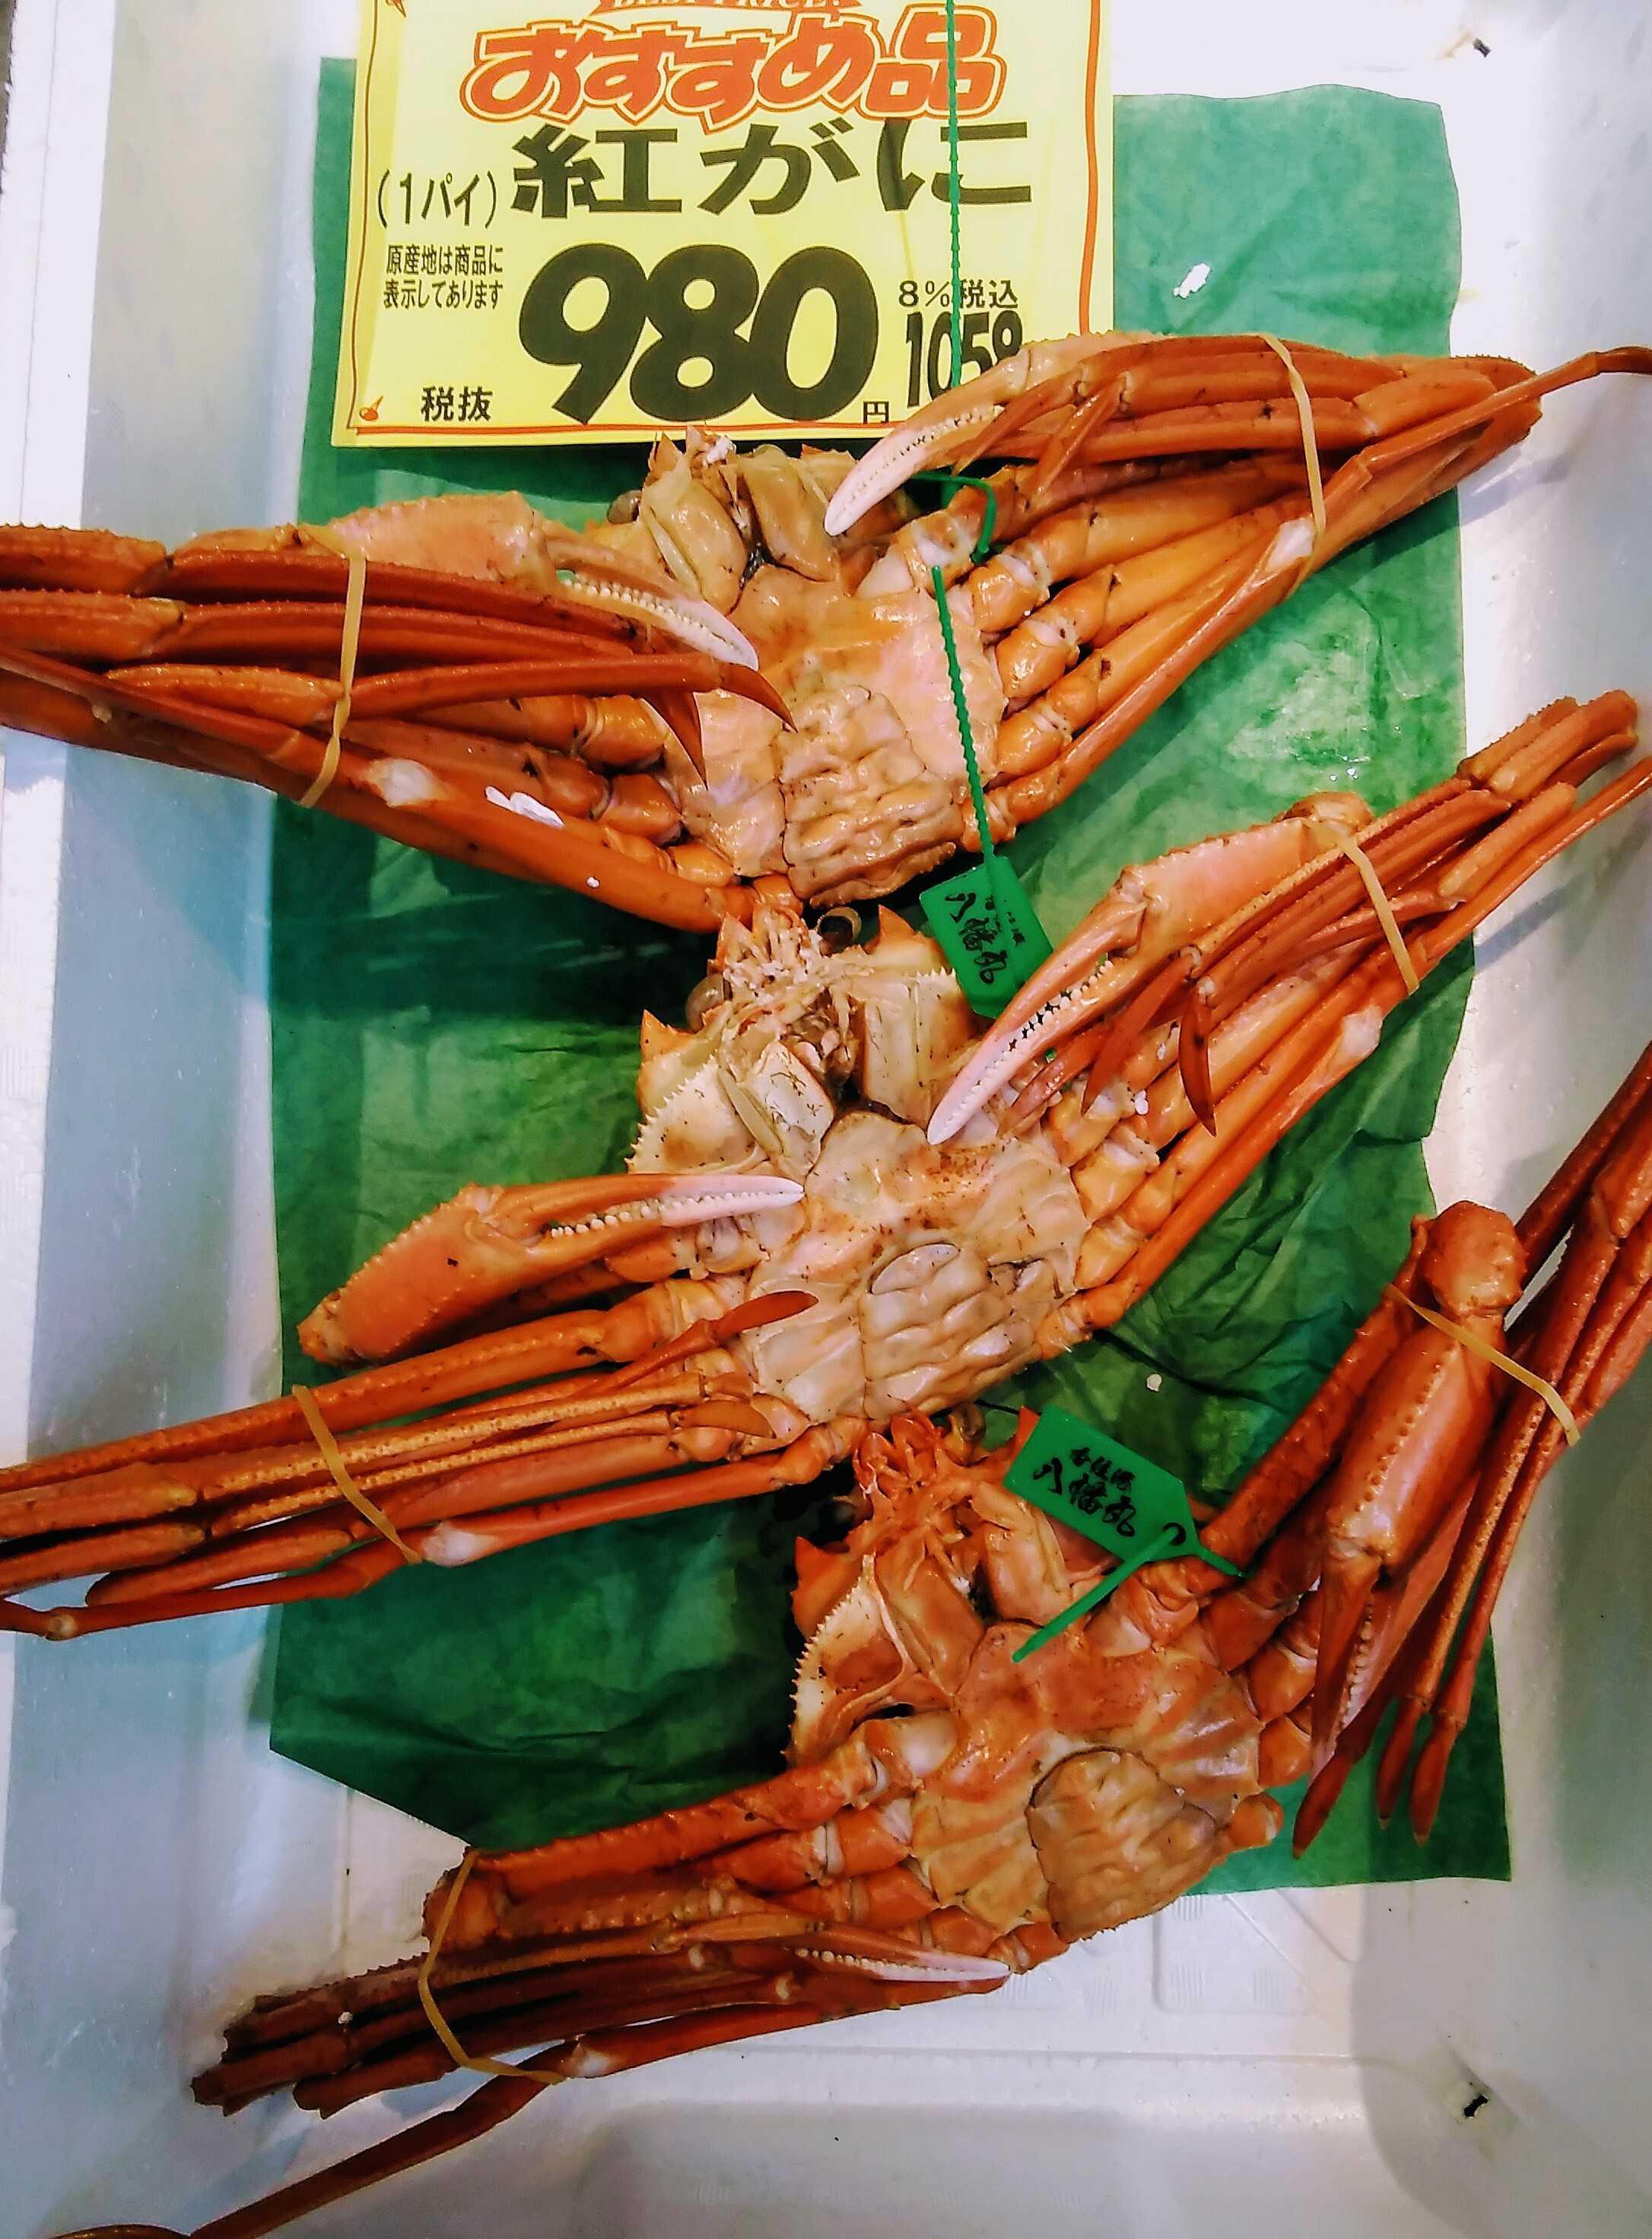 全日食チェーン 【紅がに】9/1漁解禁!!松葉がにより身入りは劣るものの、その分安く手に入るし甘みがあって美味しいんですよ。